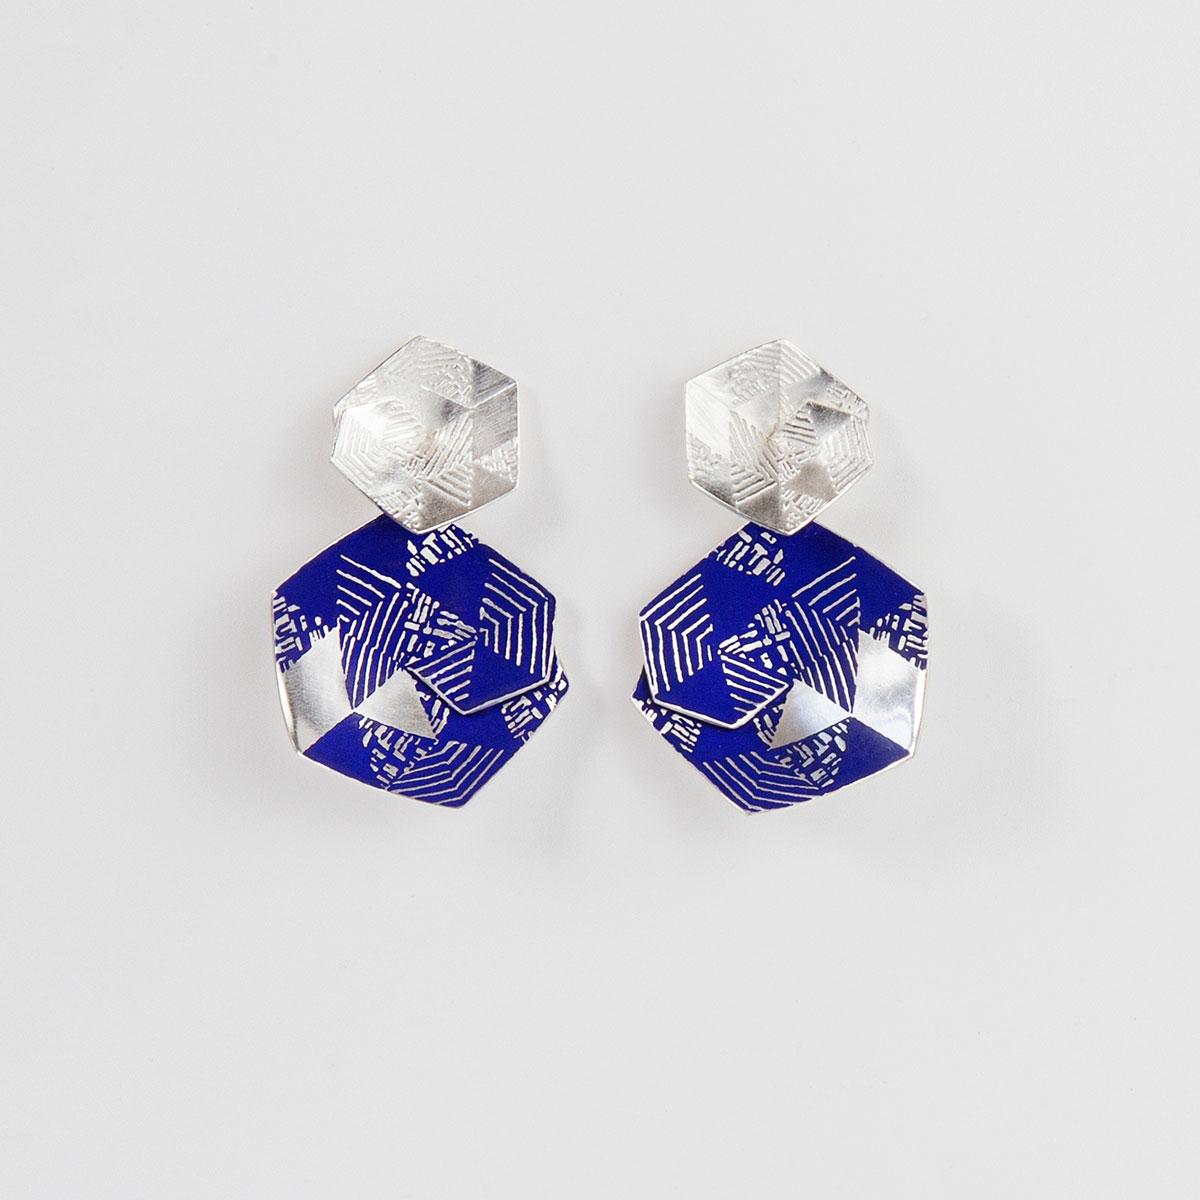 'Weave' Blue Hexagonal Drop Earrings, Large